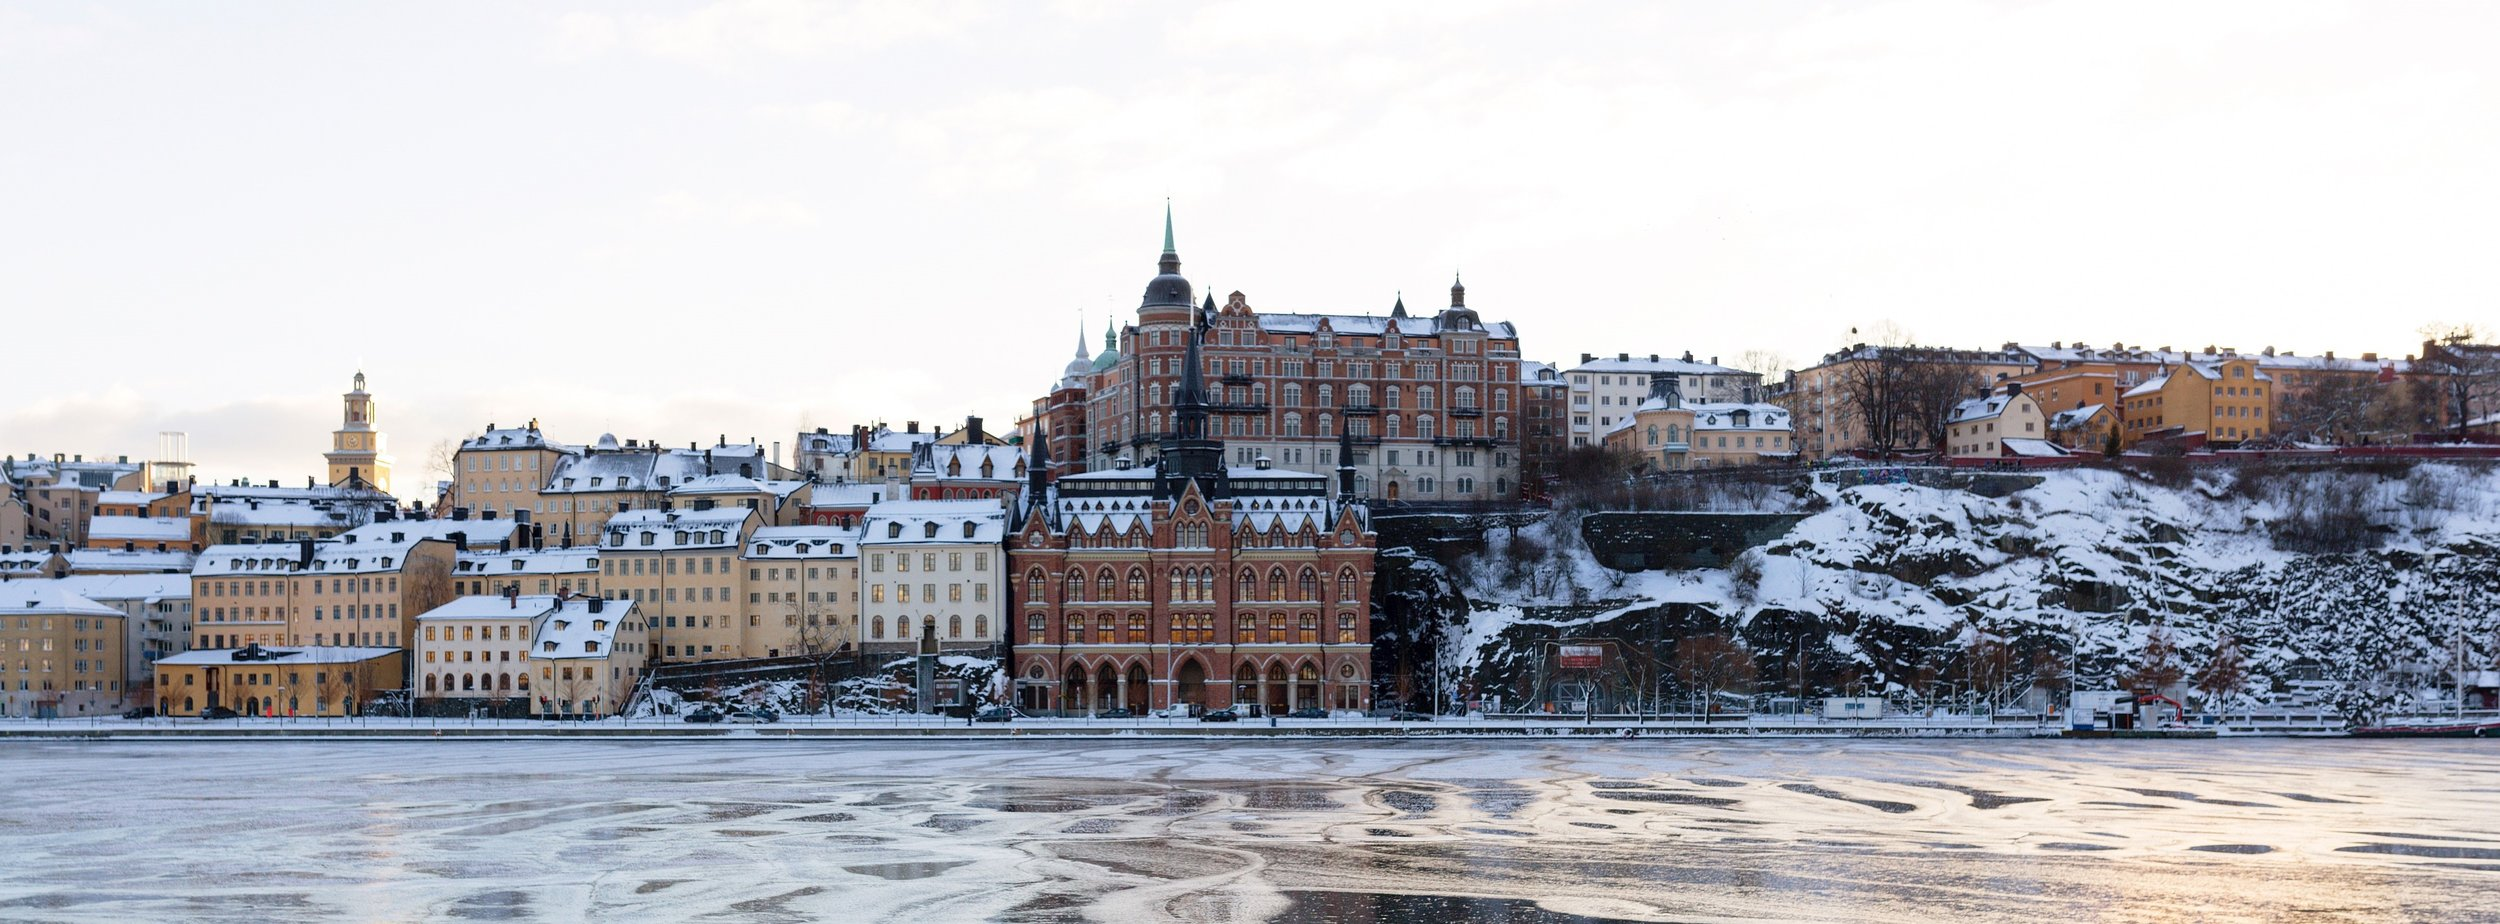 Sweden -